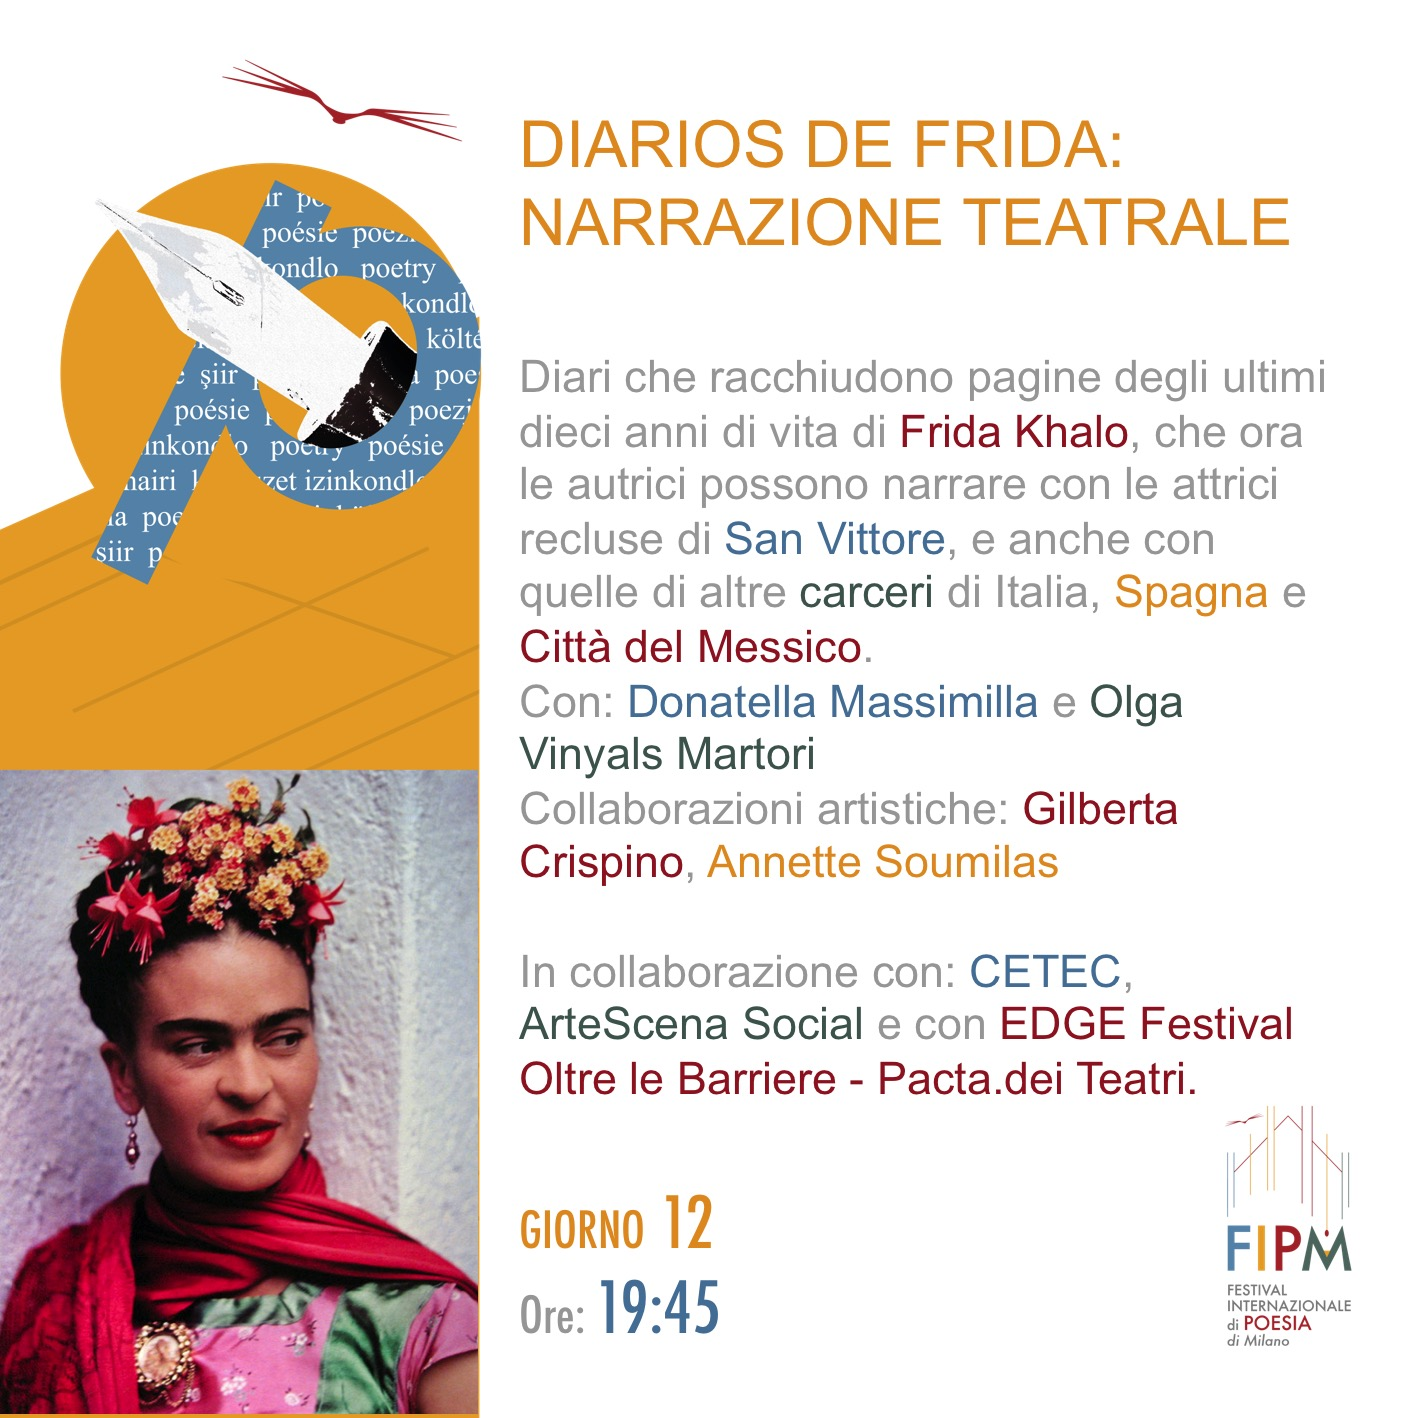 Diarios De Frida